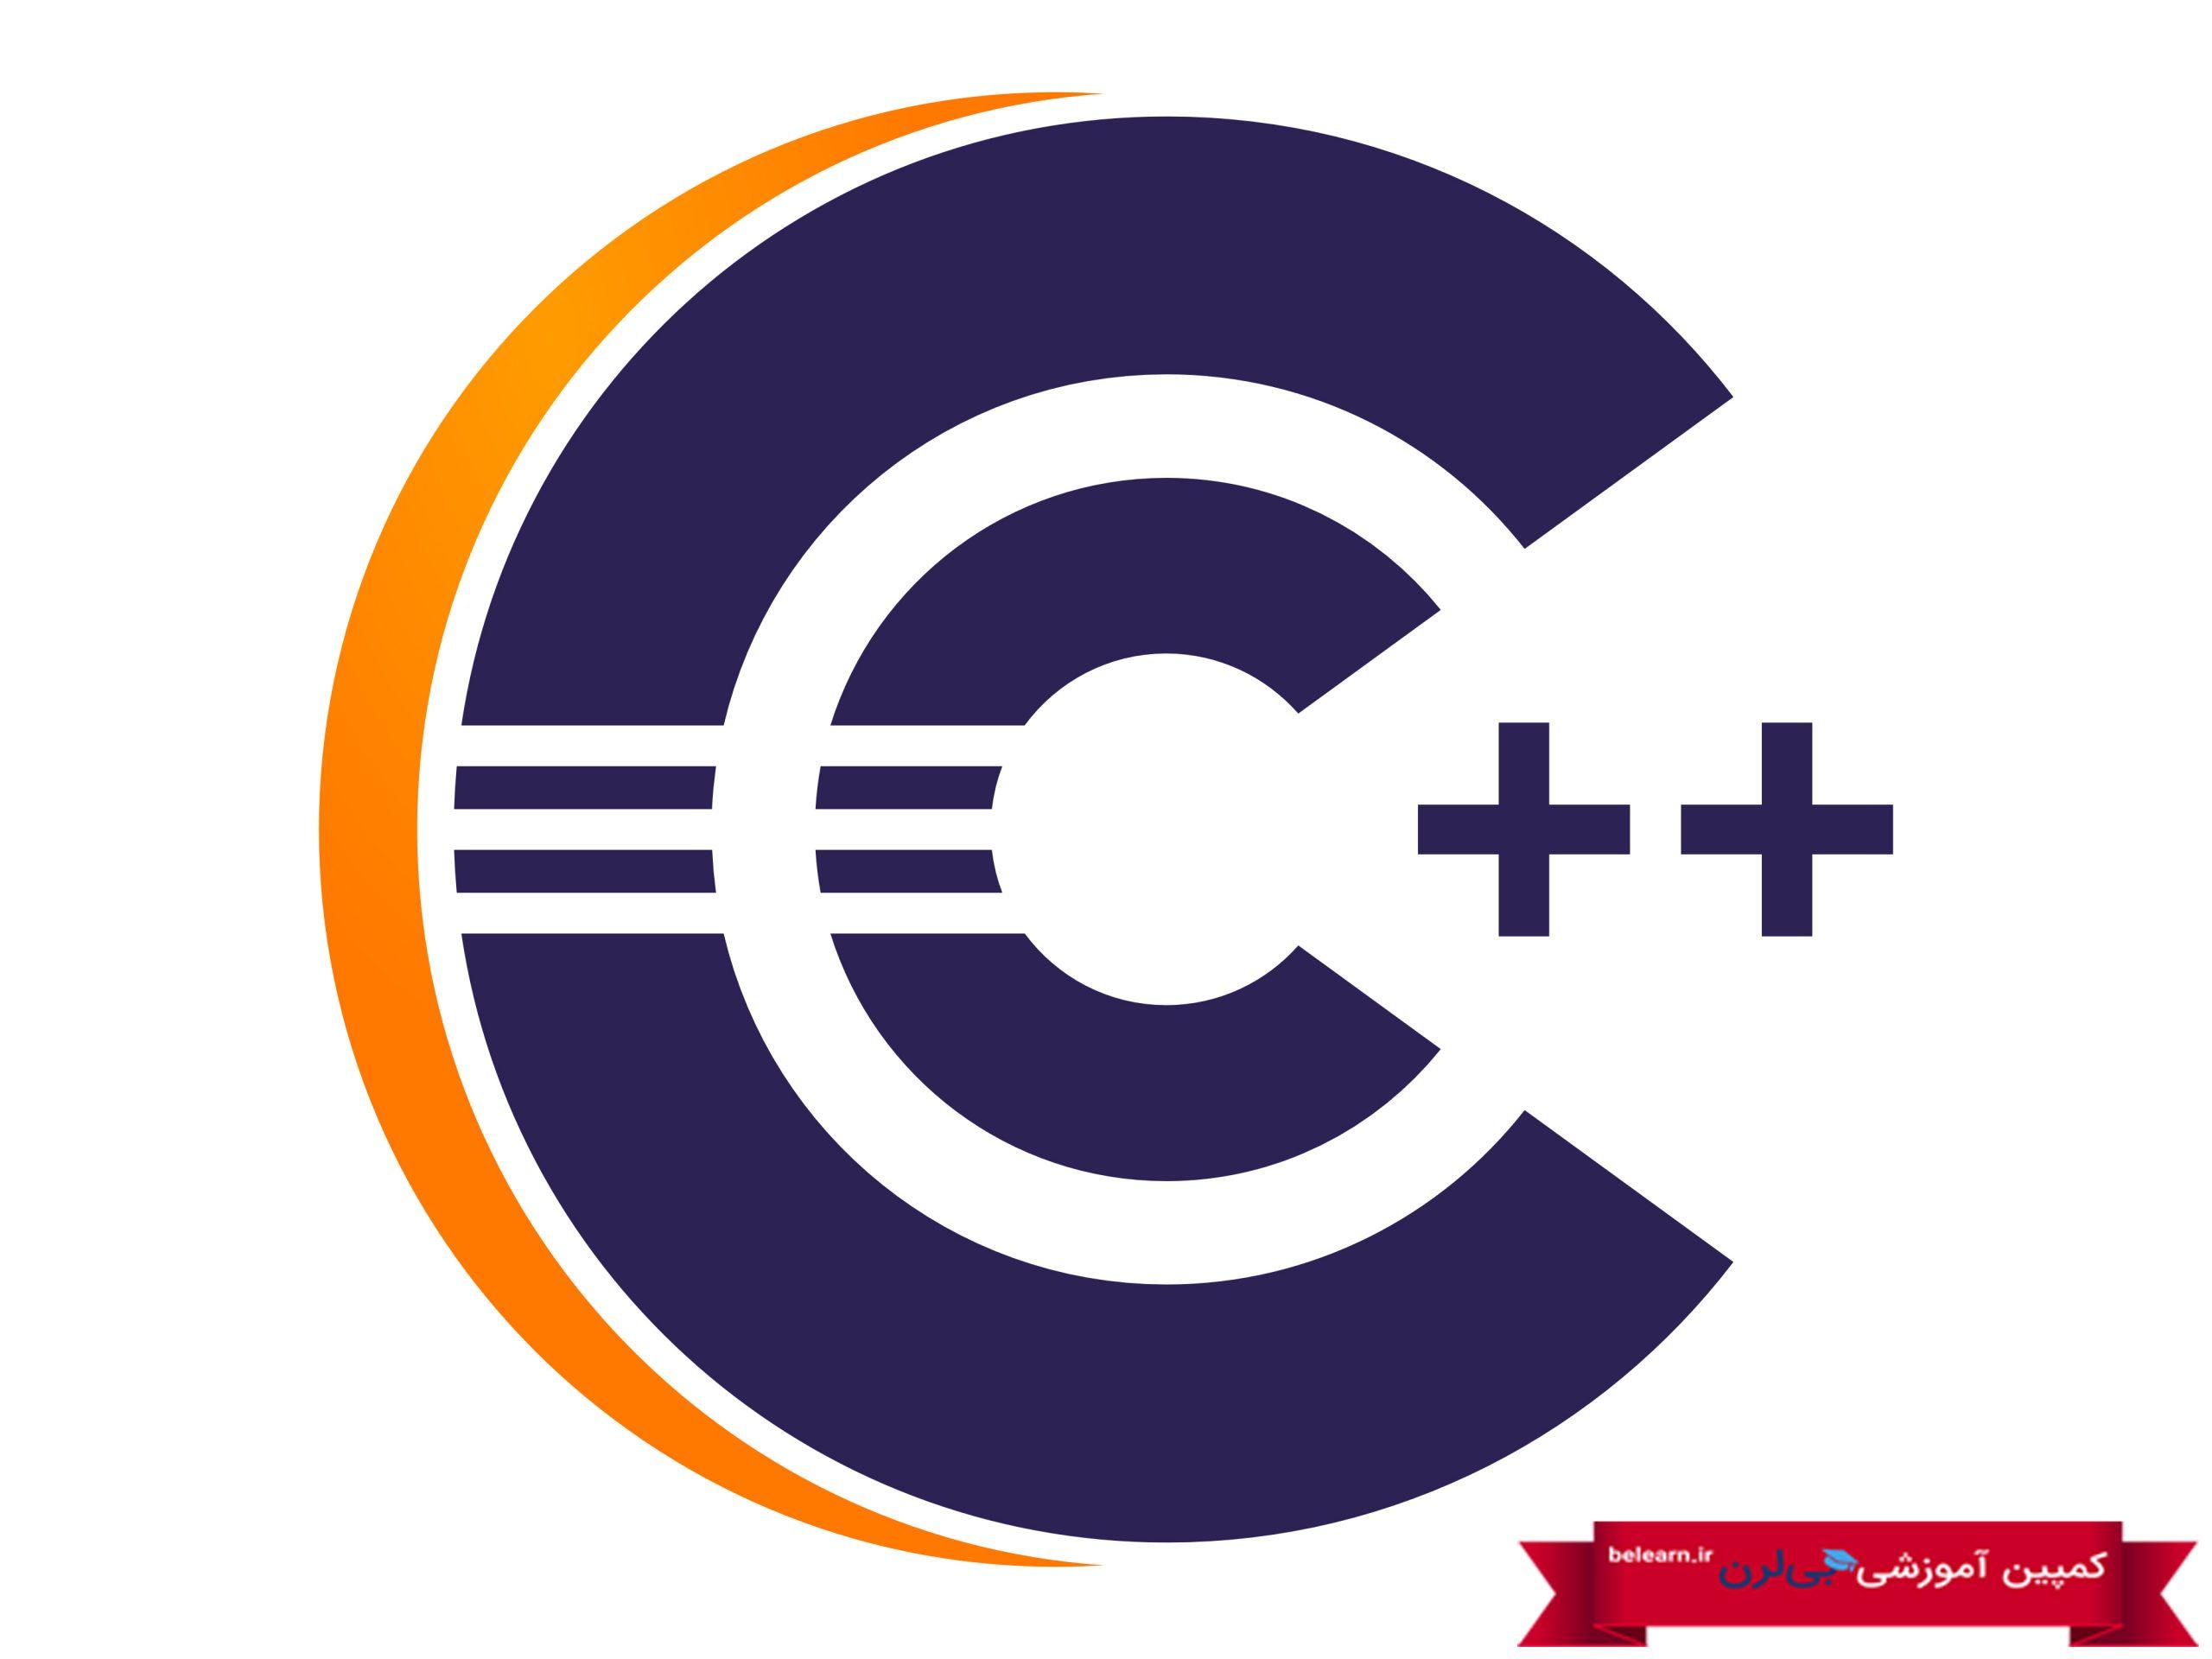 زبان c++ - زبان برنامه نویسی برای هکر شدن - کمپین آموزشی بی لرن